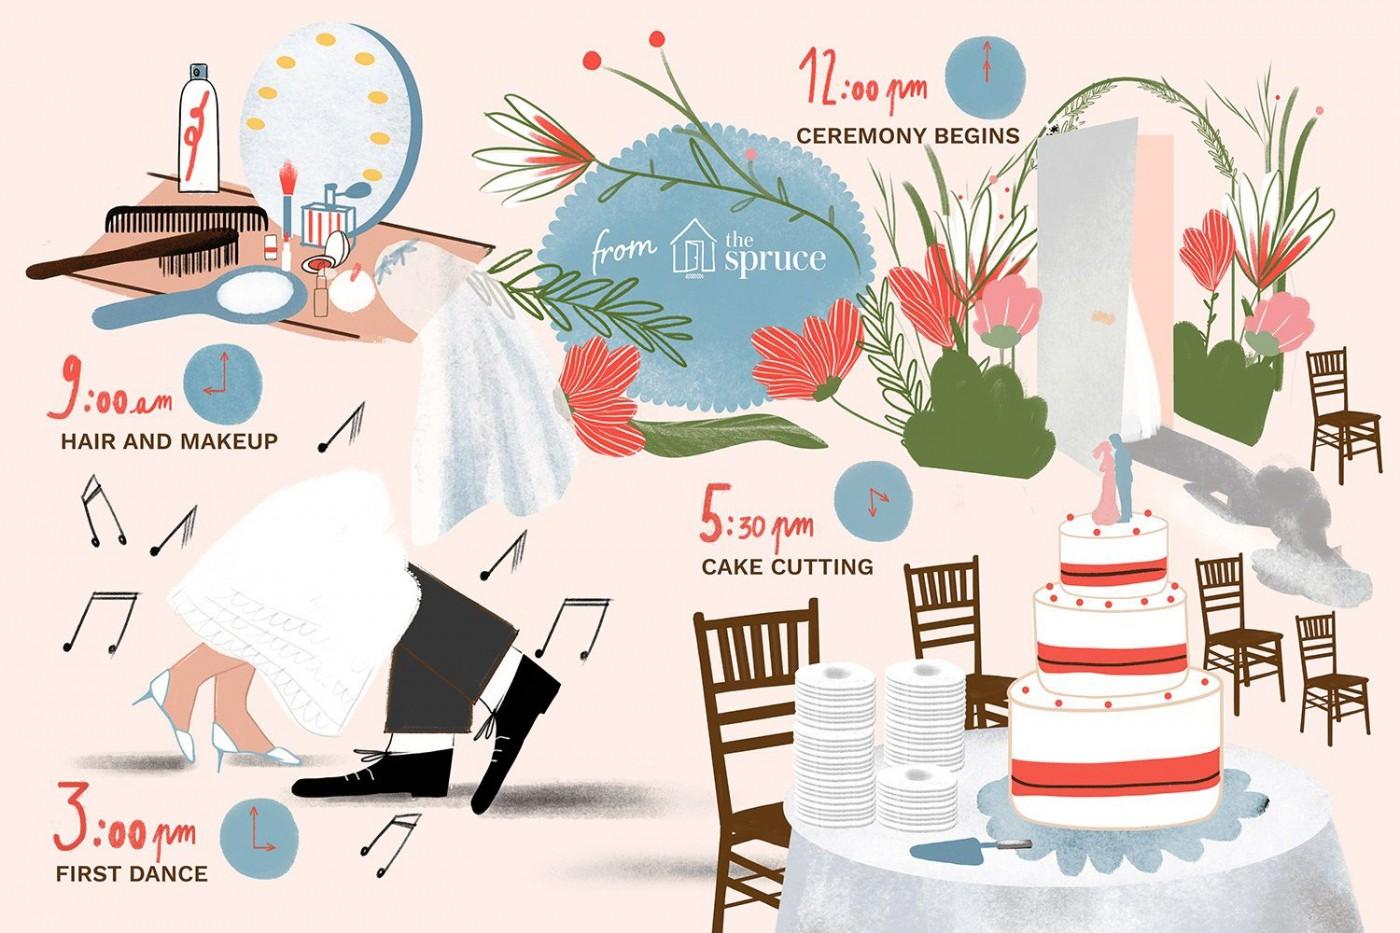 008 Impressive Wedding Timeline Template Free High Def  Day Excel Program1400